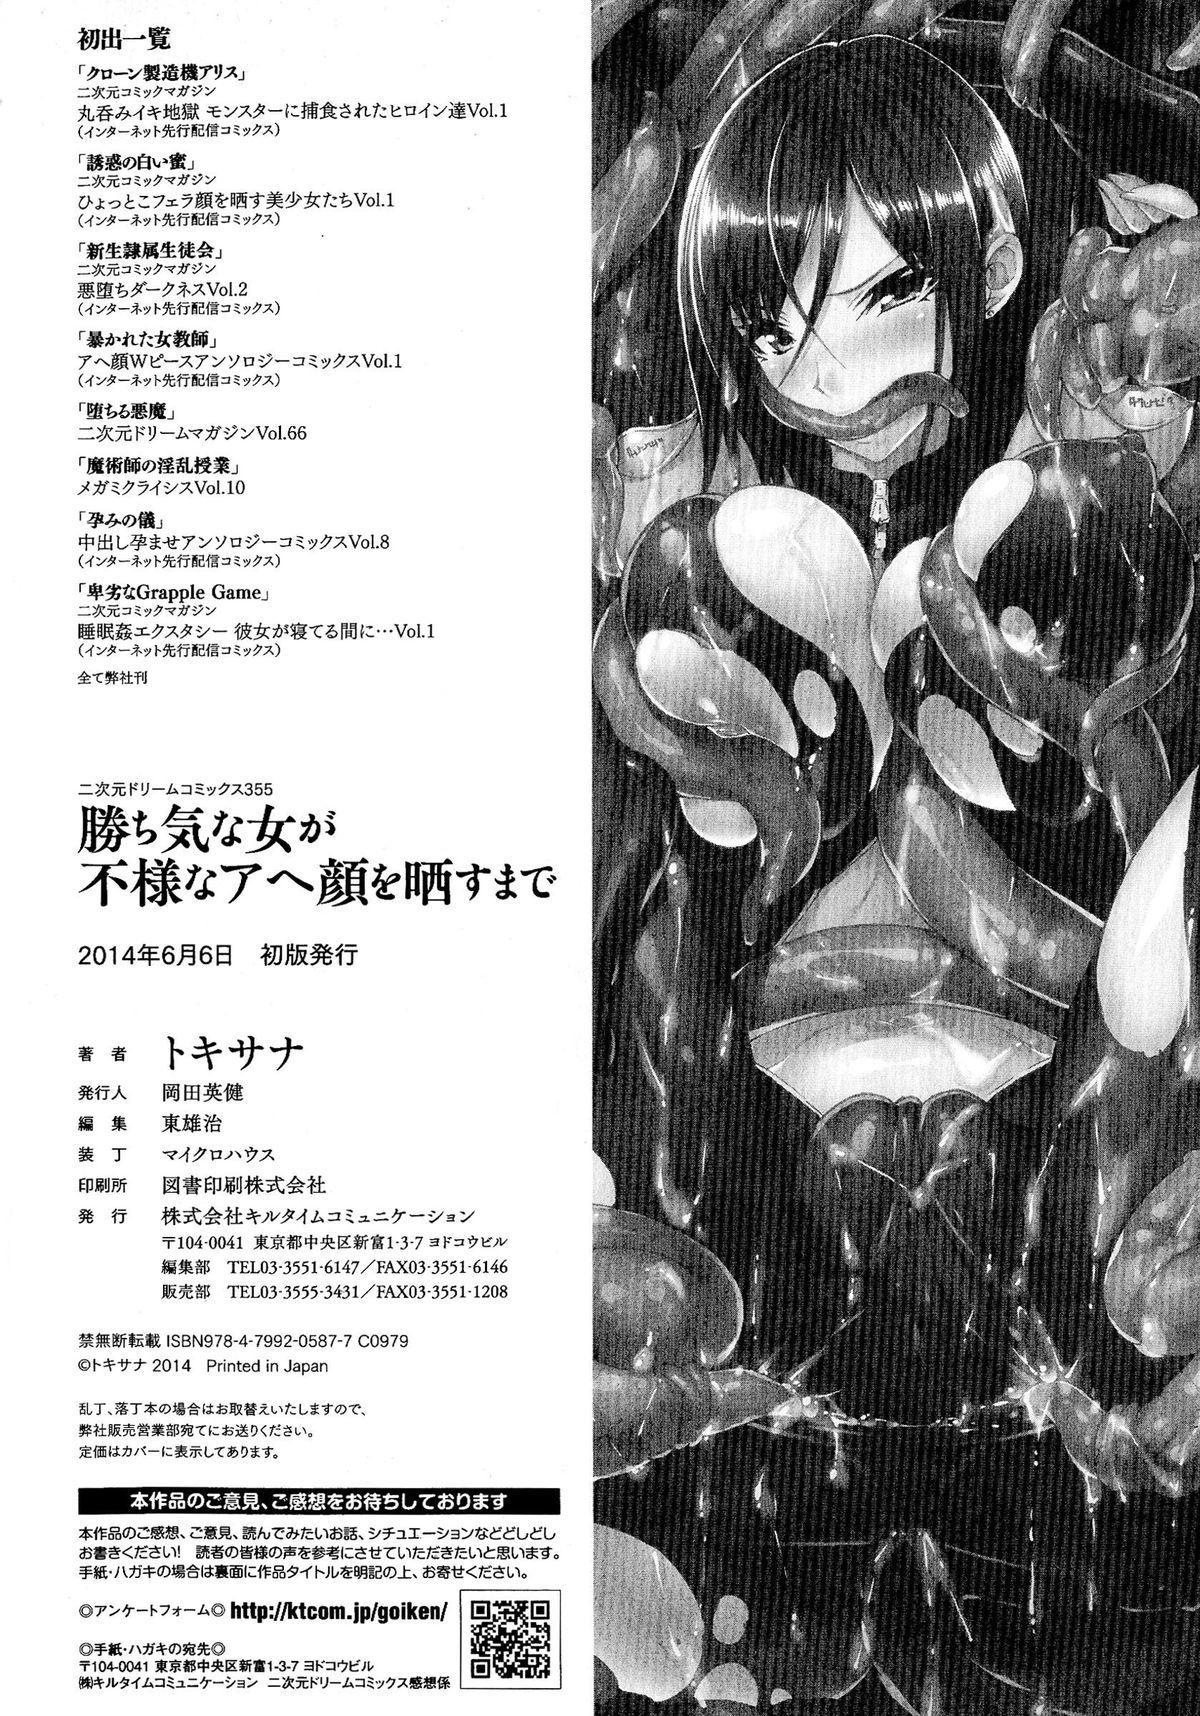 Kachiki na Onna ga Buzama na Ahegao o Sarasu Made 162